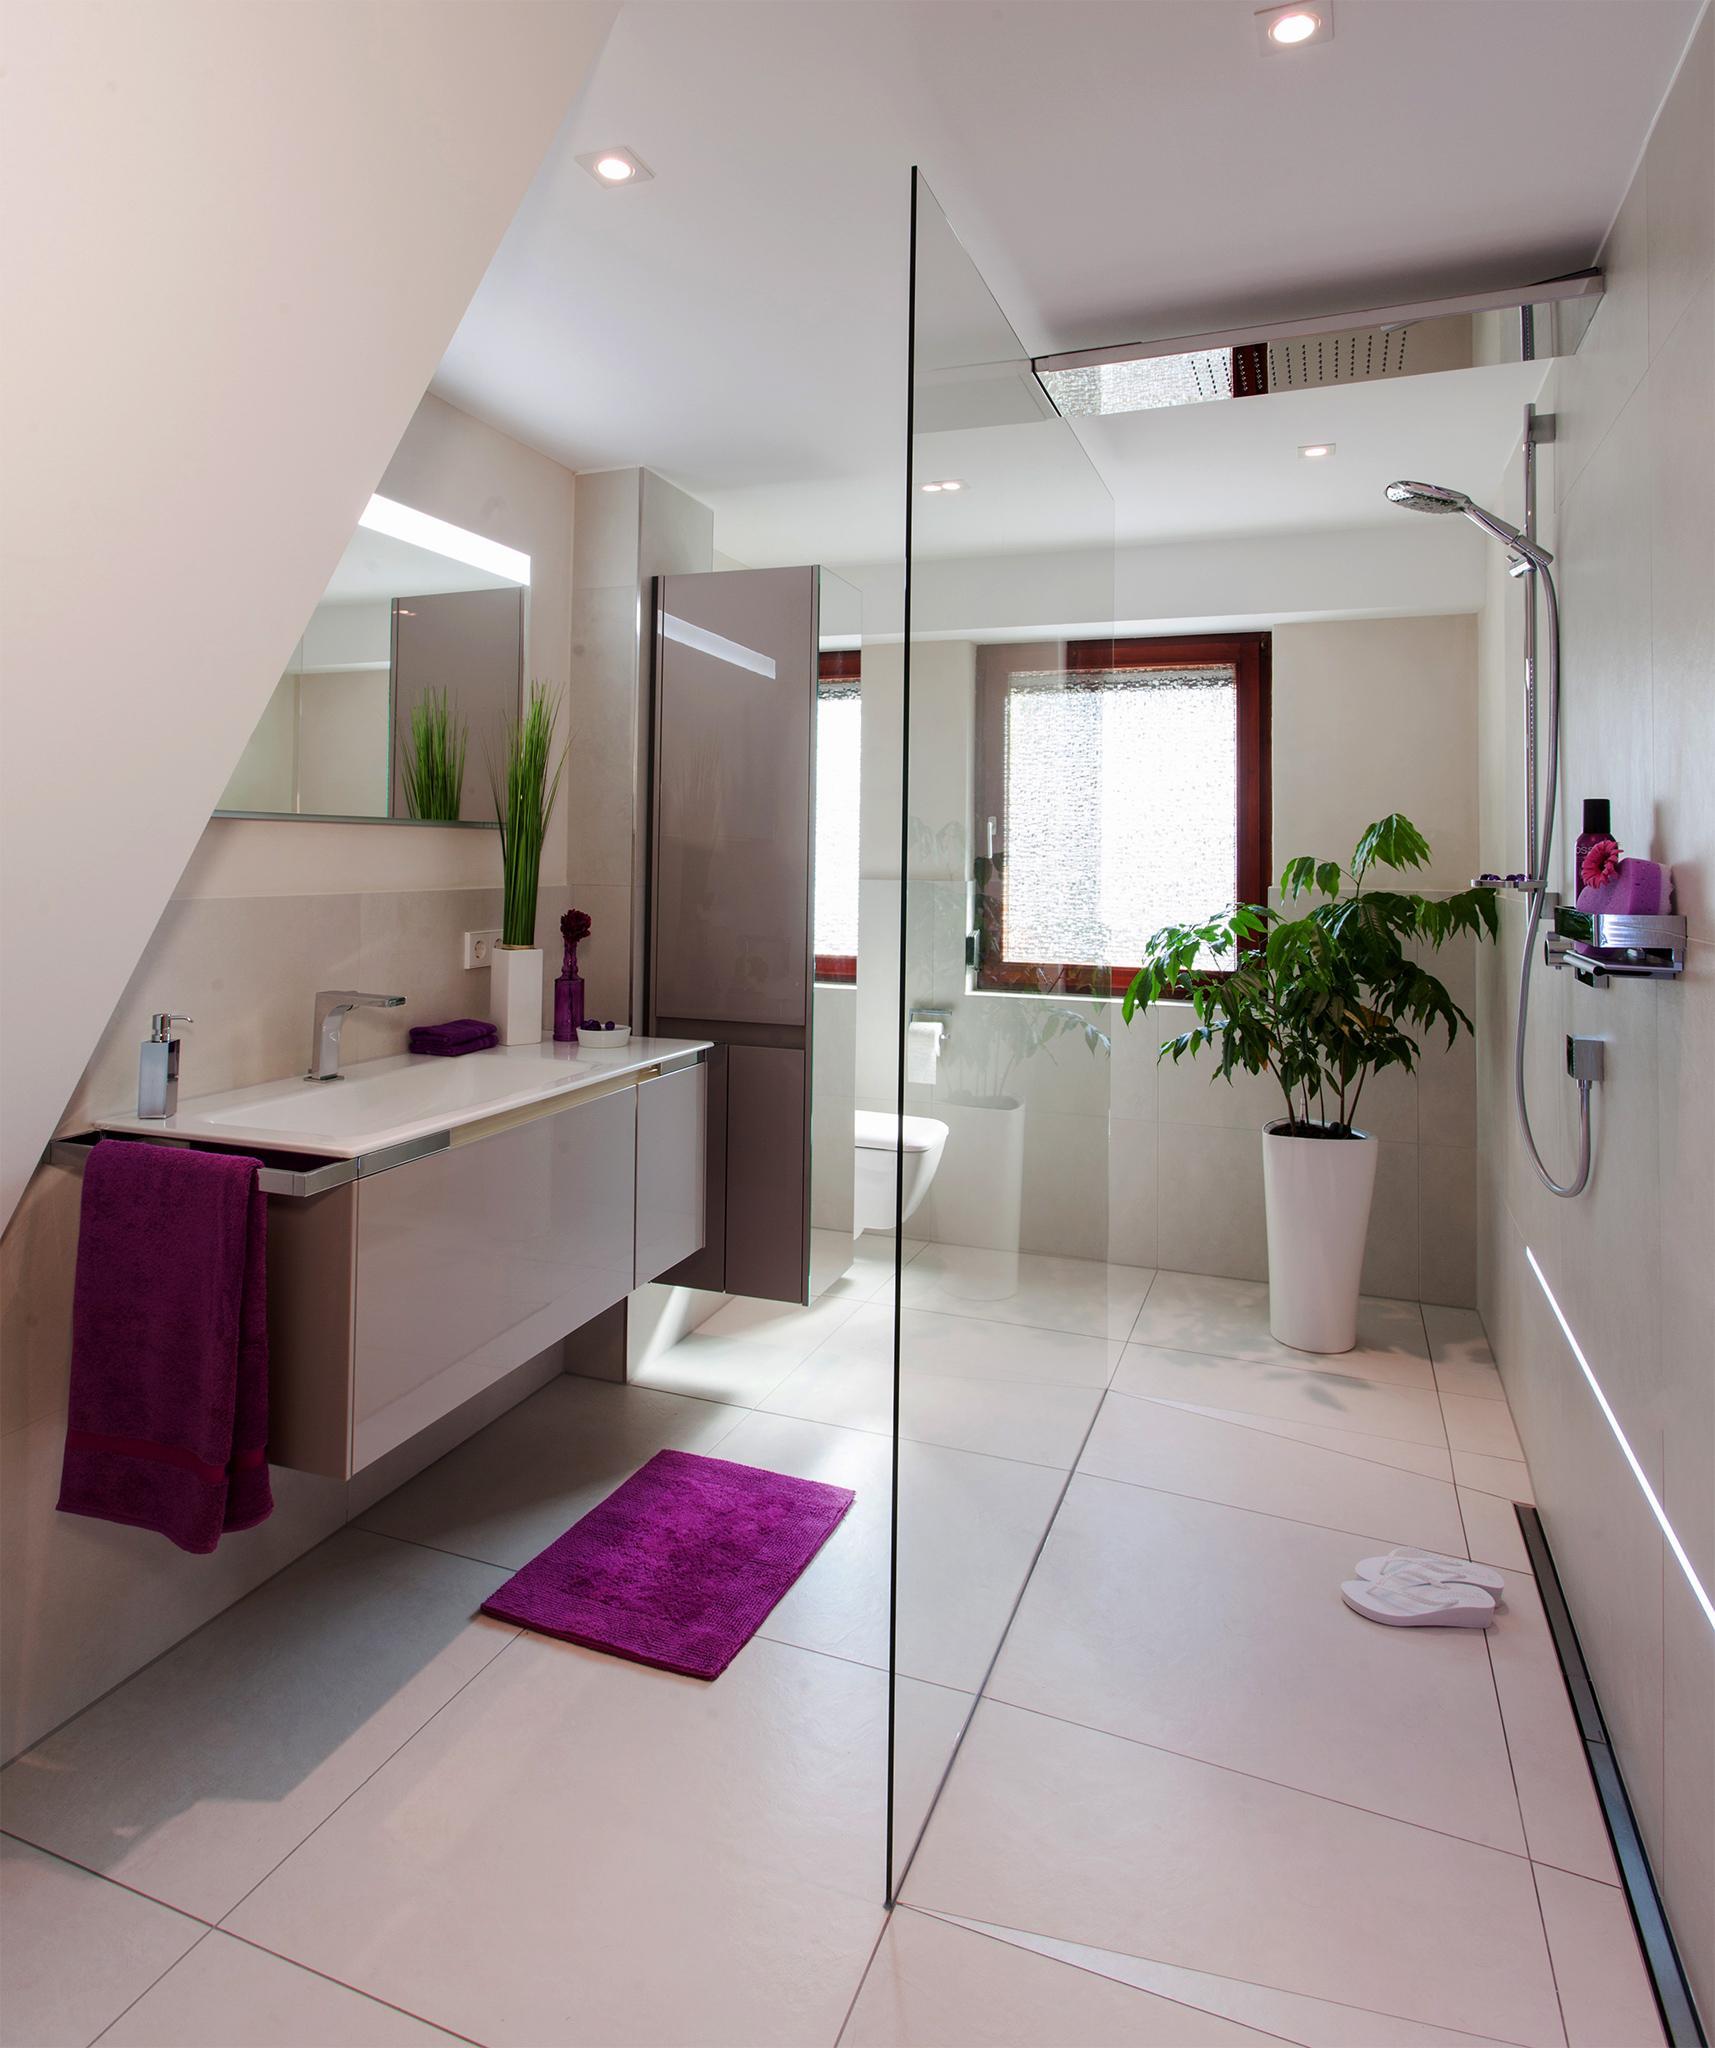 Bild für badezimmer  Badezimmer Dachschräge • Bilder & Ideen • COUCHstyle